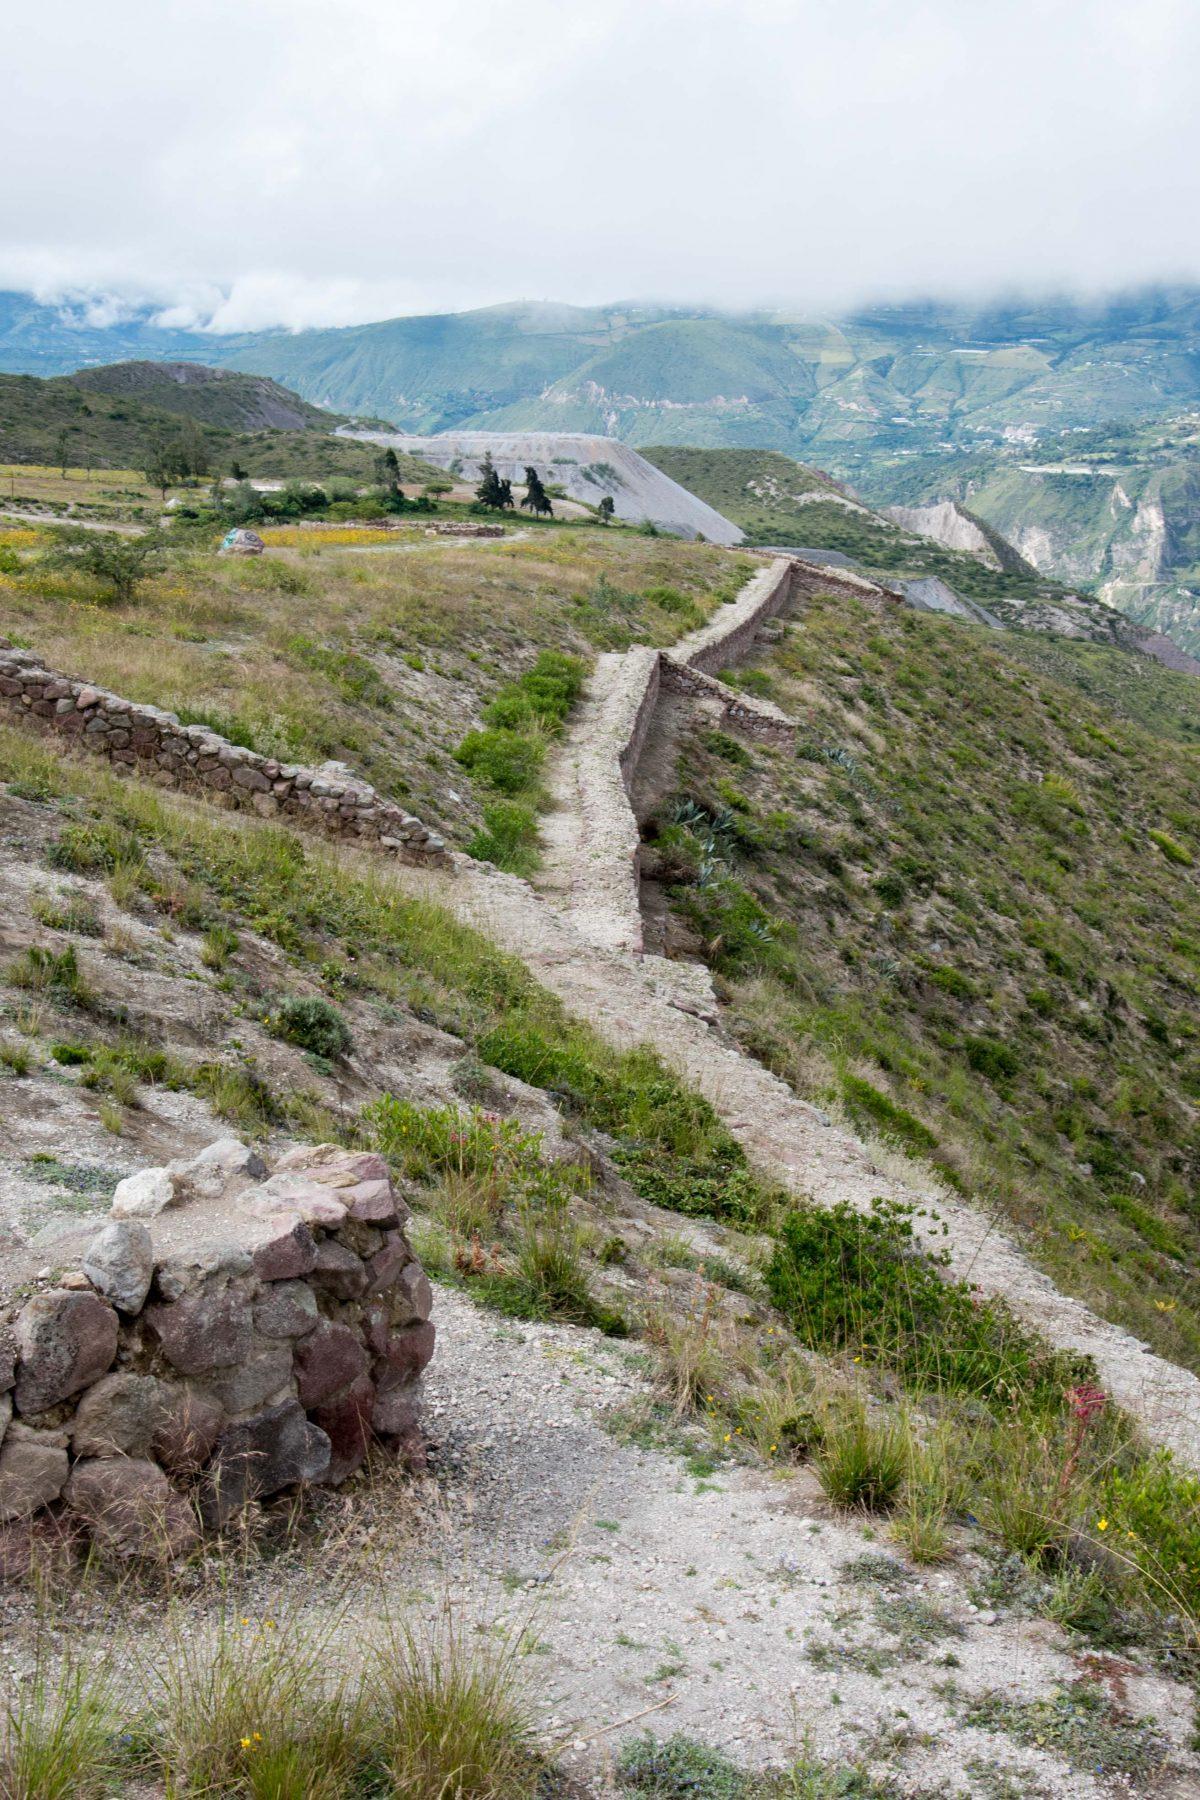 Walls of Rumicucho, San Antonio de Pichincha, Ecuador